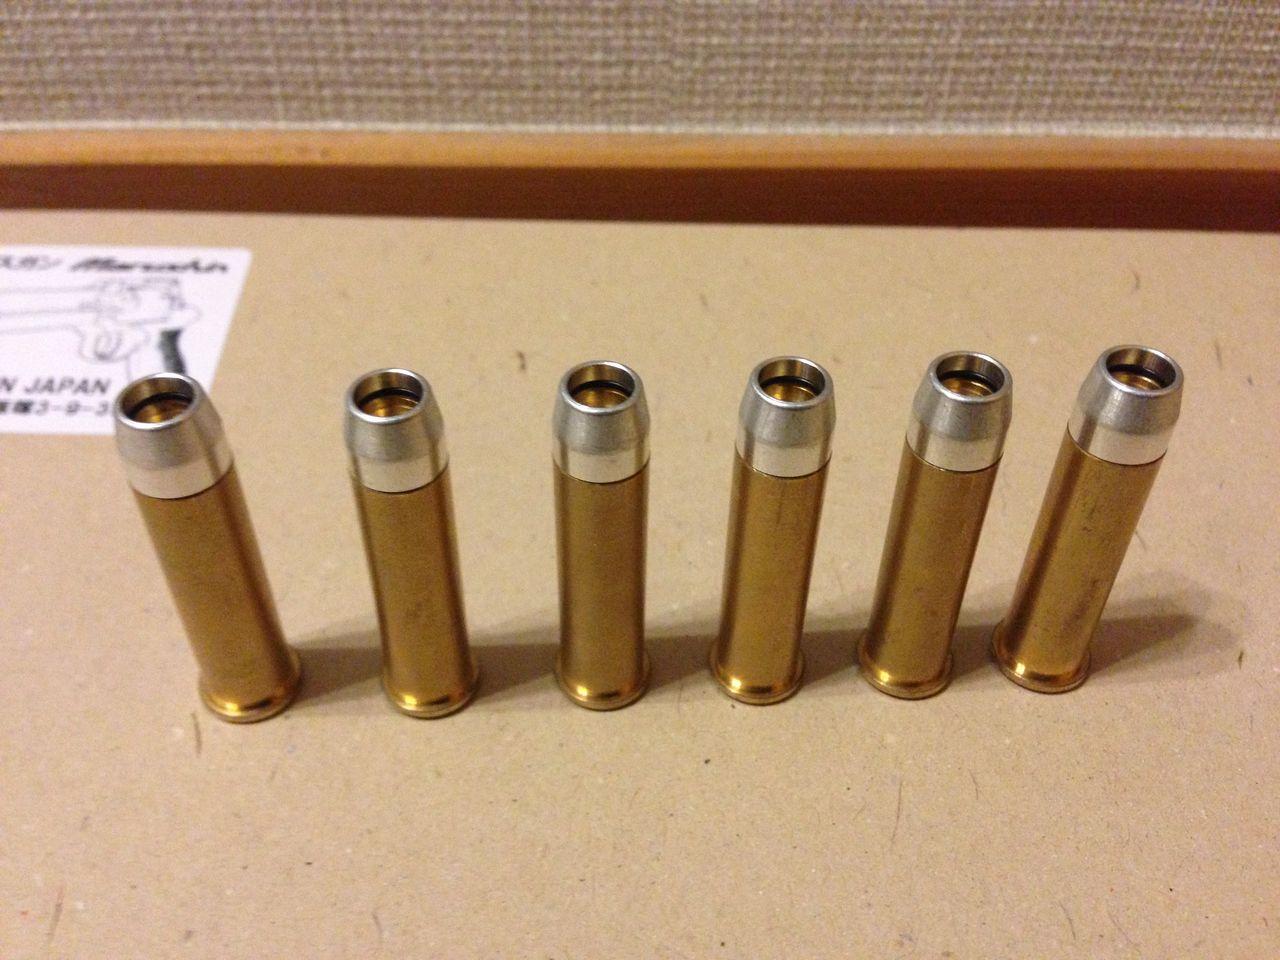 右からクラウン社製エアリボルバー用カートリッジ、マルシンXカートリッジマテバ用、実弾.357マグナム(旅行時に購入したストラップですがちゃんとウィンチェスター製